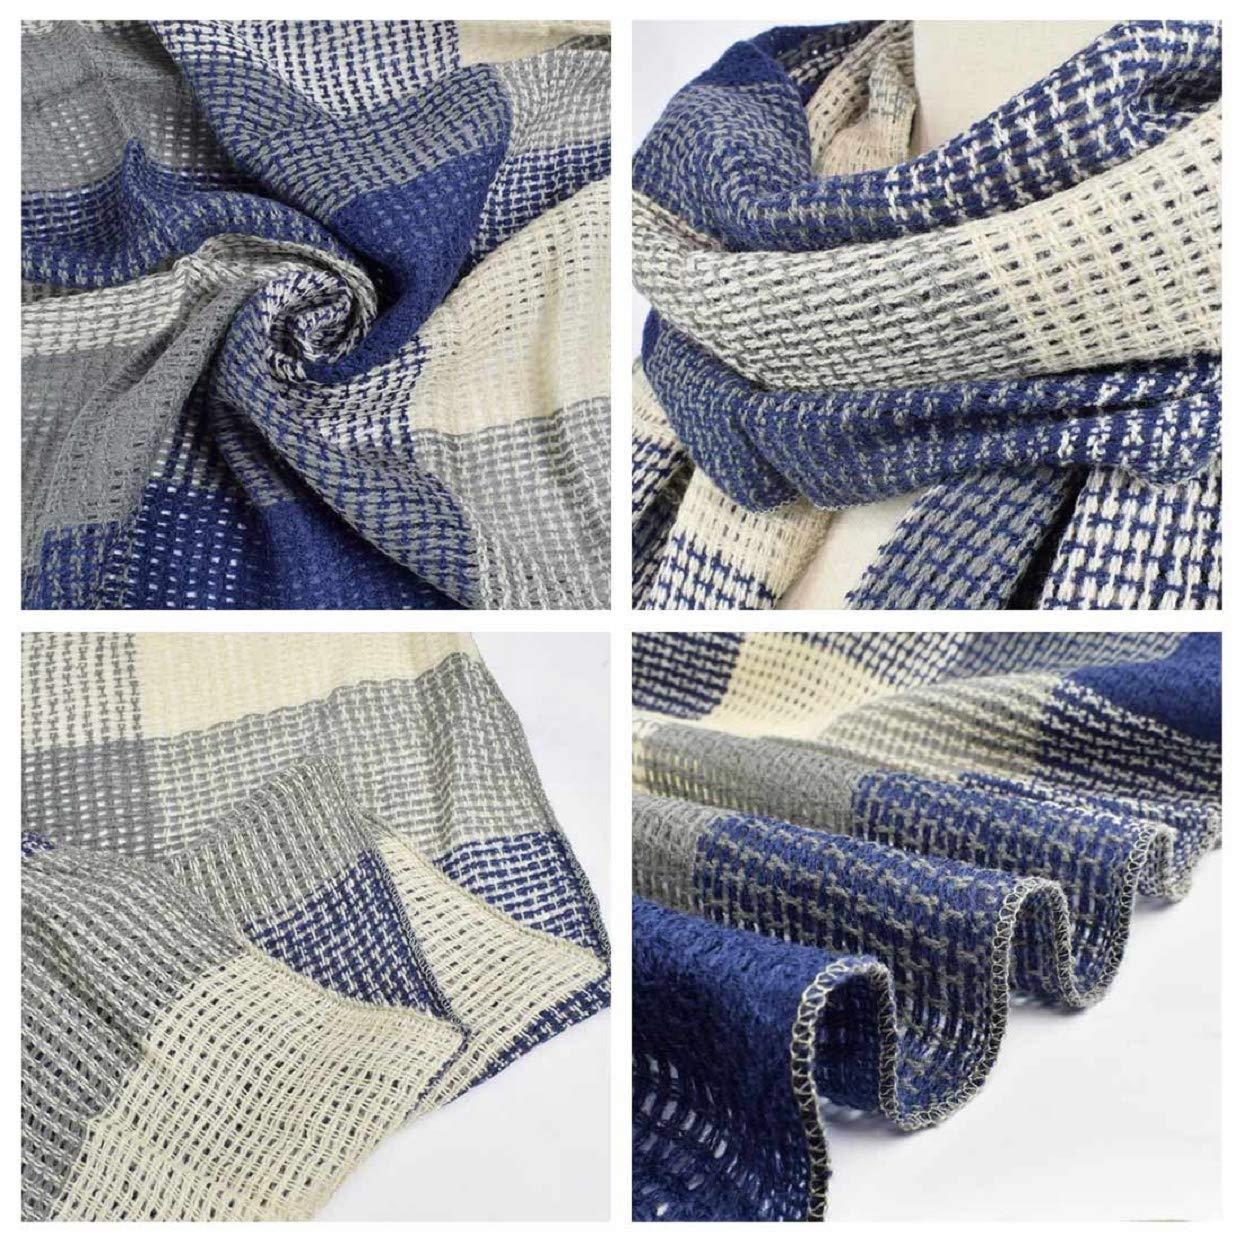 Tuopuda Sciarpa Donna Inverno Caldo Scozzese Classico Sciarpa Moda Morbido Scialle Invernale Sciarpa Donna